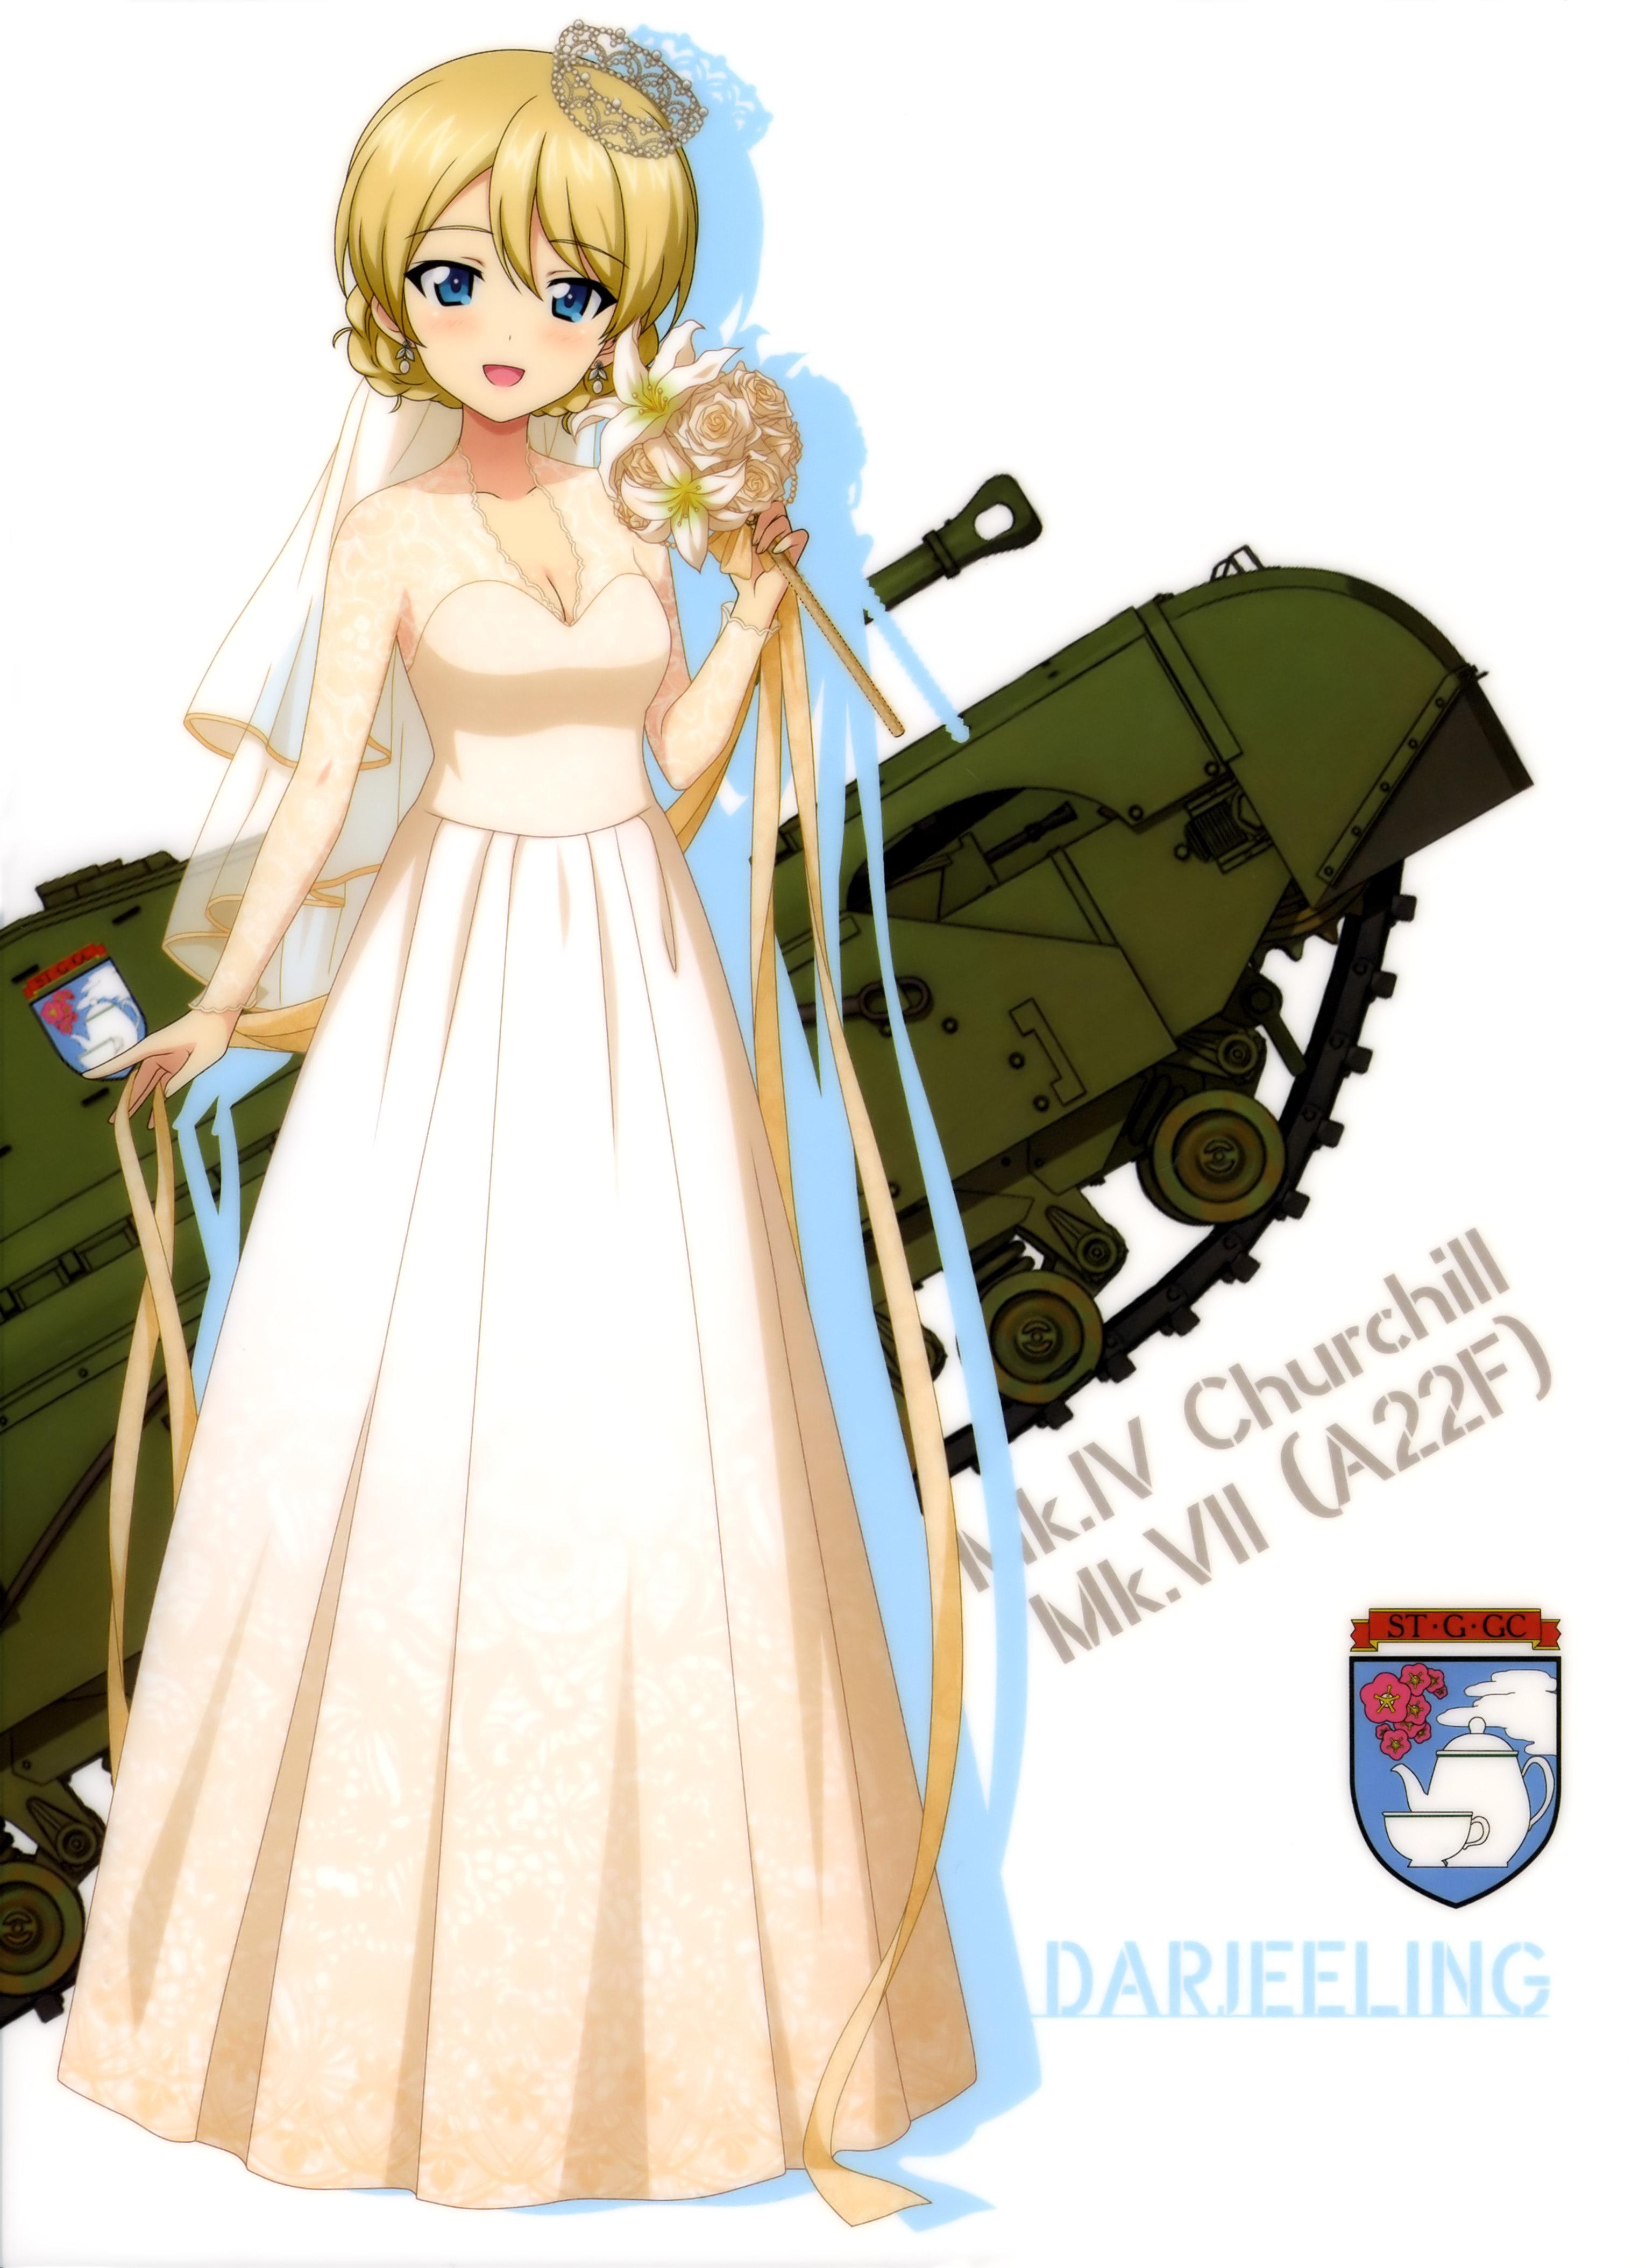 ガルパン画像 ダージリン ウェディングドレス No 210 ガールズ